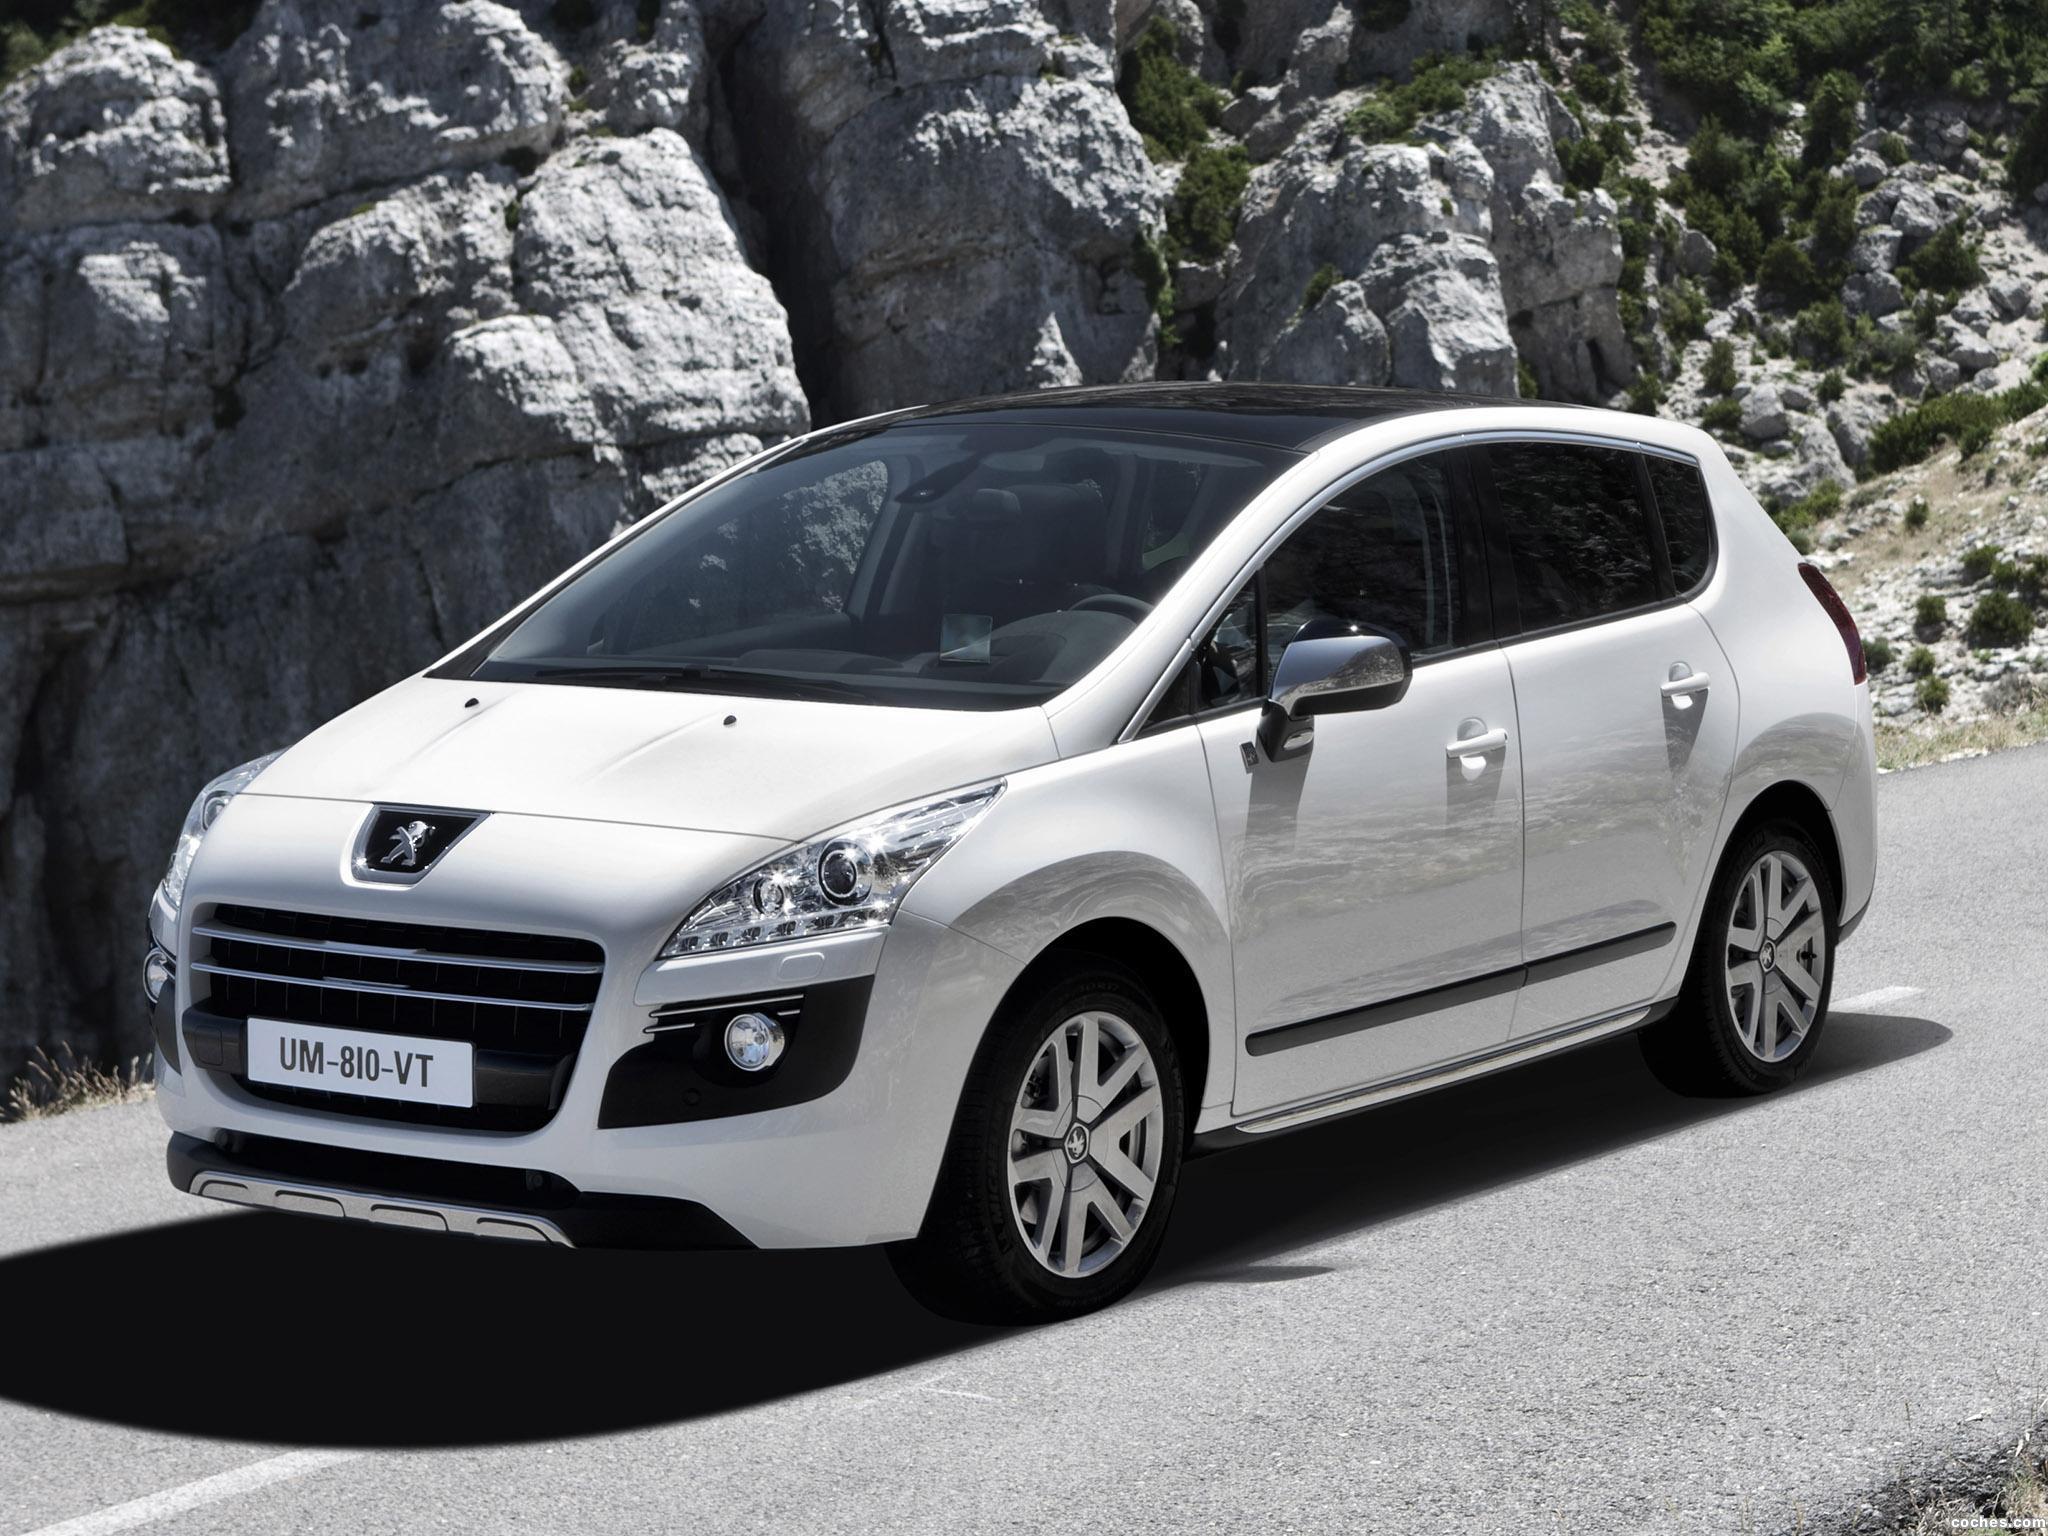 Foto 0 de Peugeot 3008 Hybrid4 2010